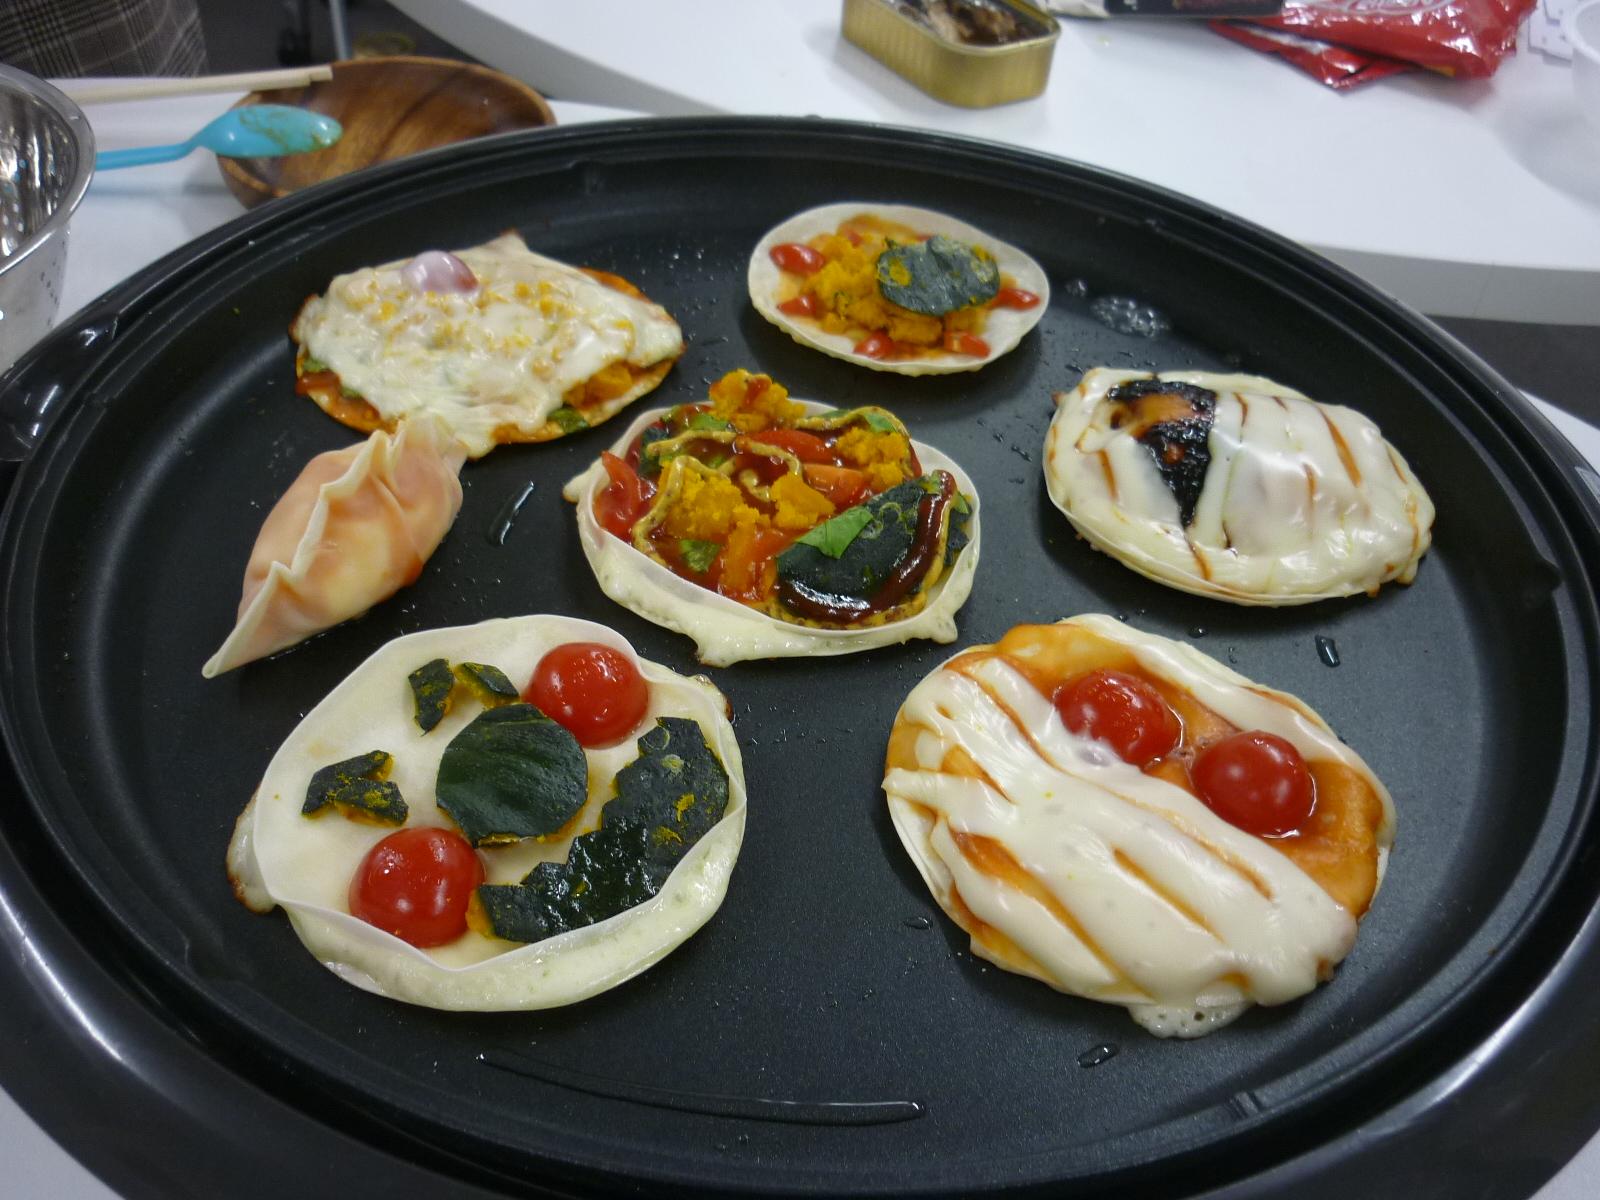 【土曜日開所】ピザを作りました。